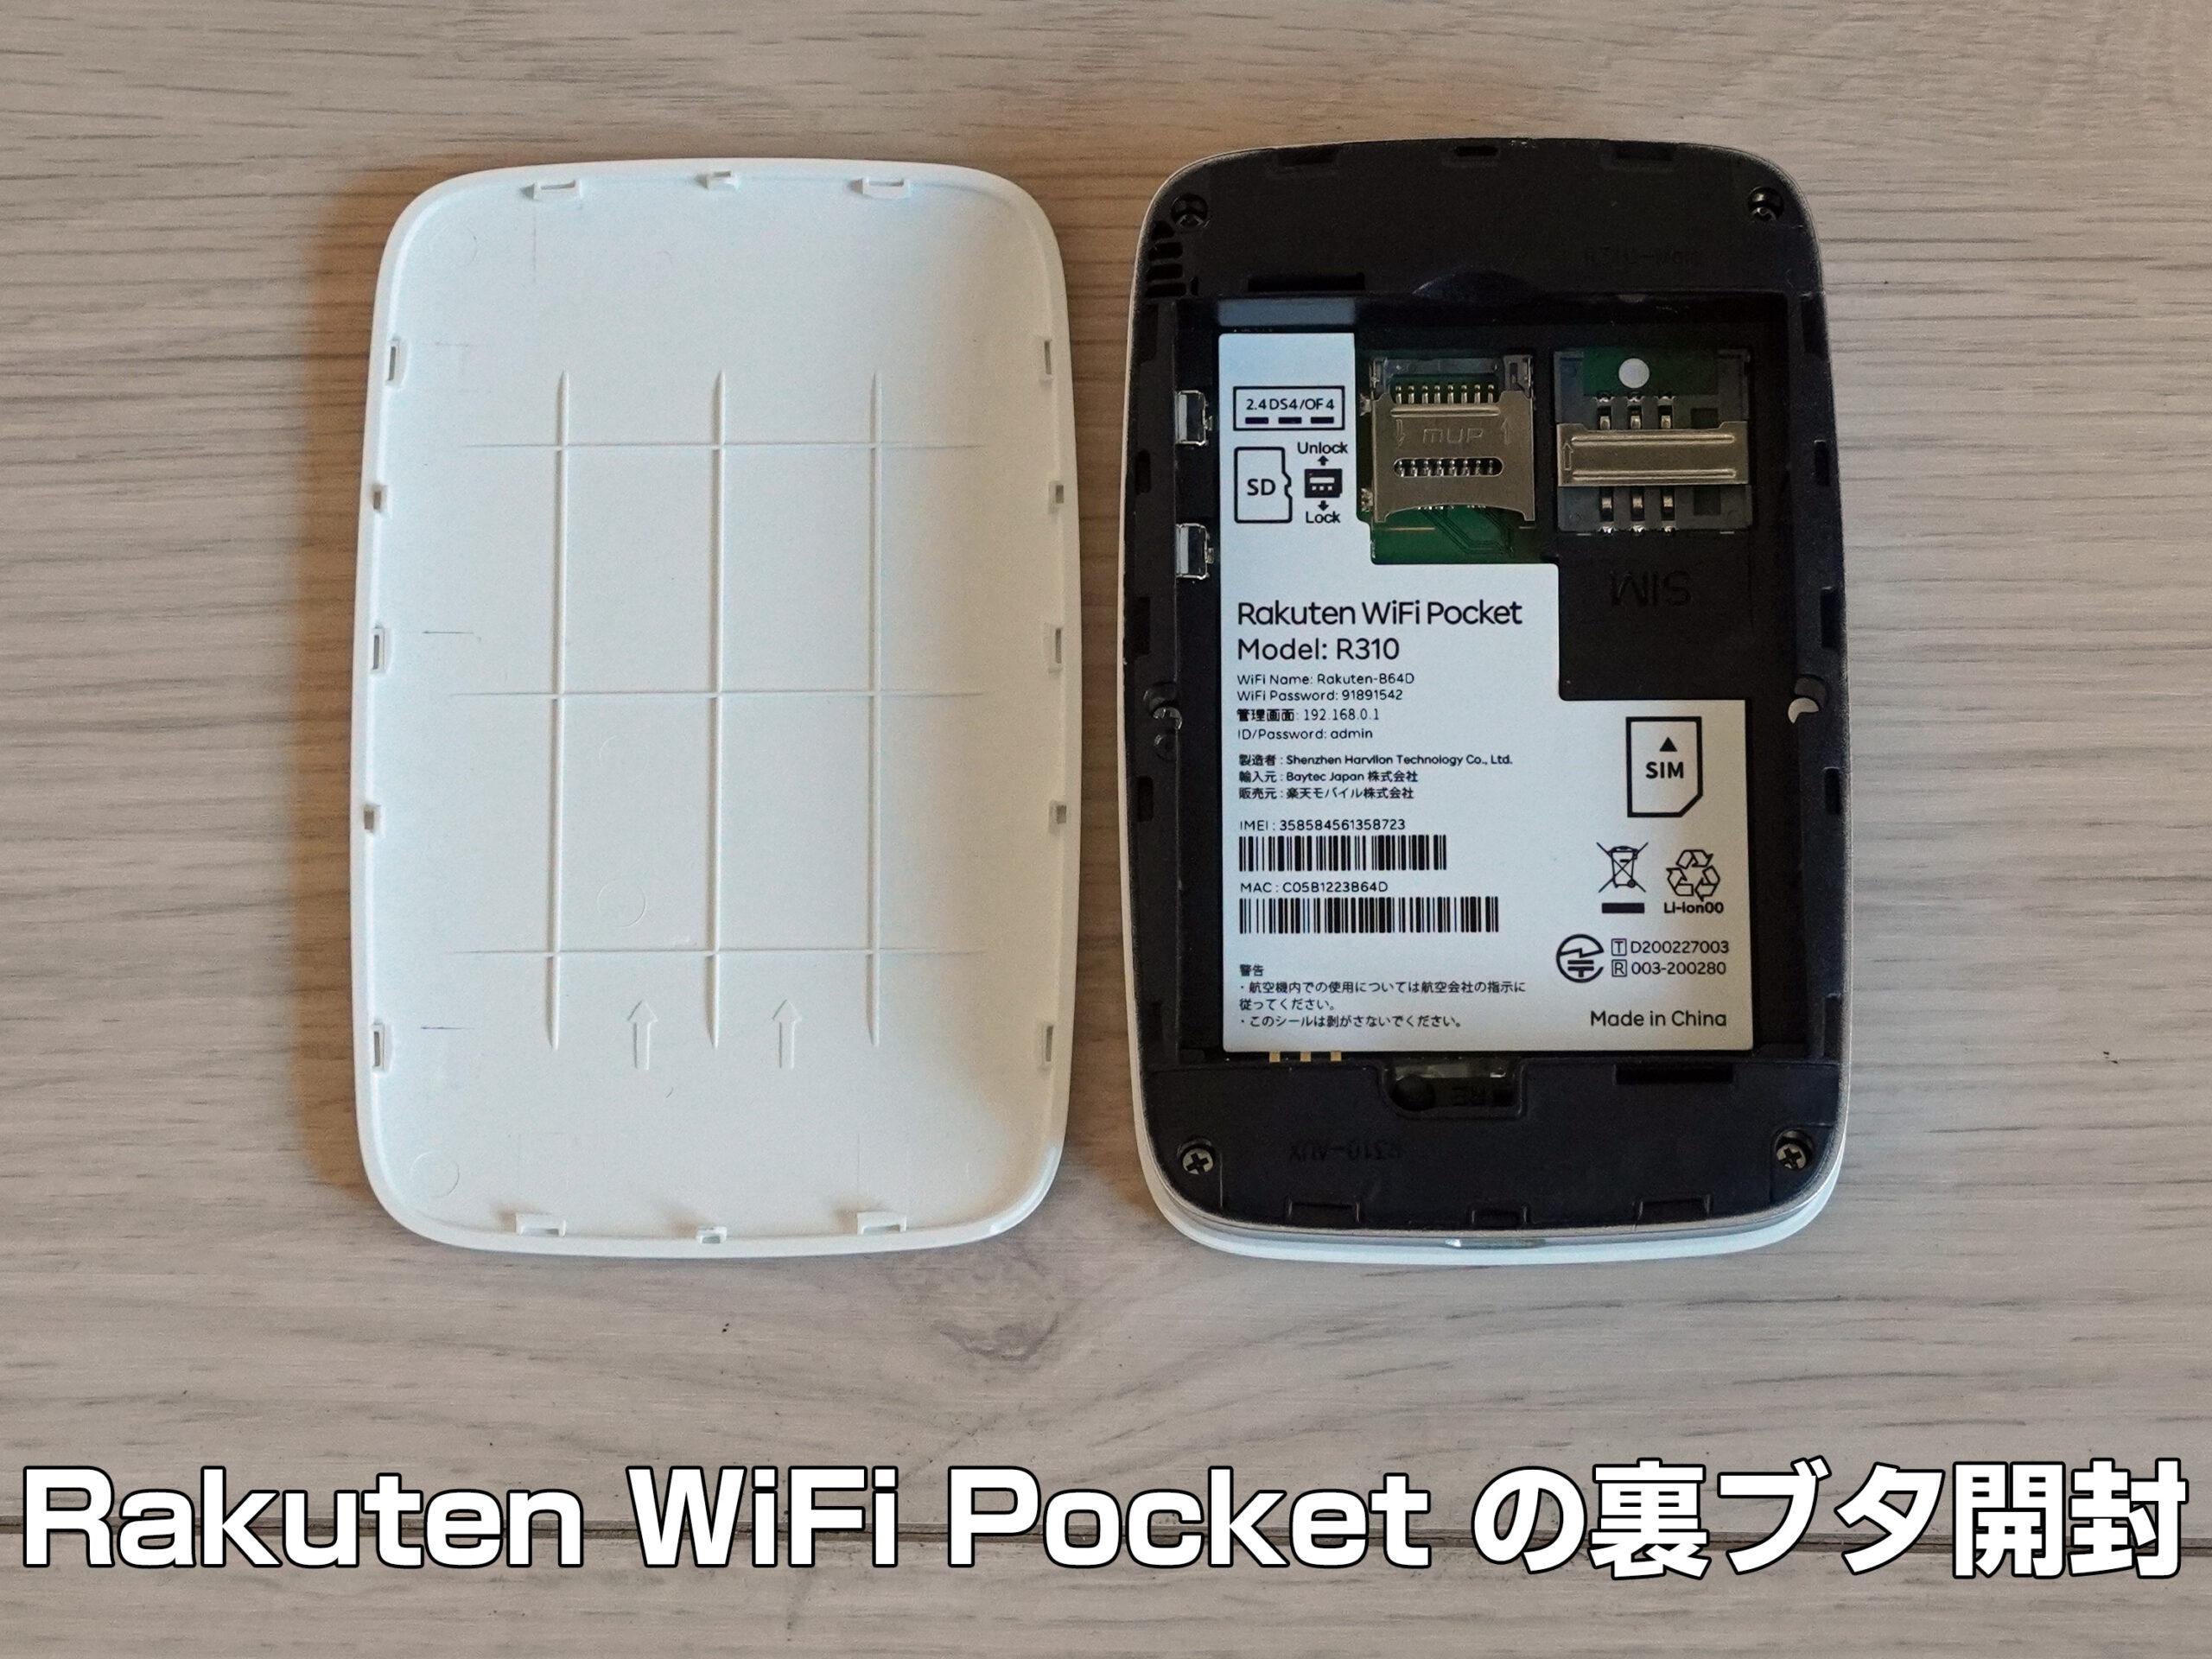 Rakuten WiFi Pocket の裏ブタはずす